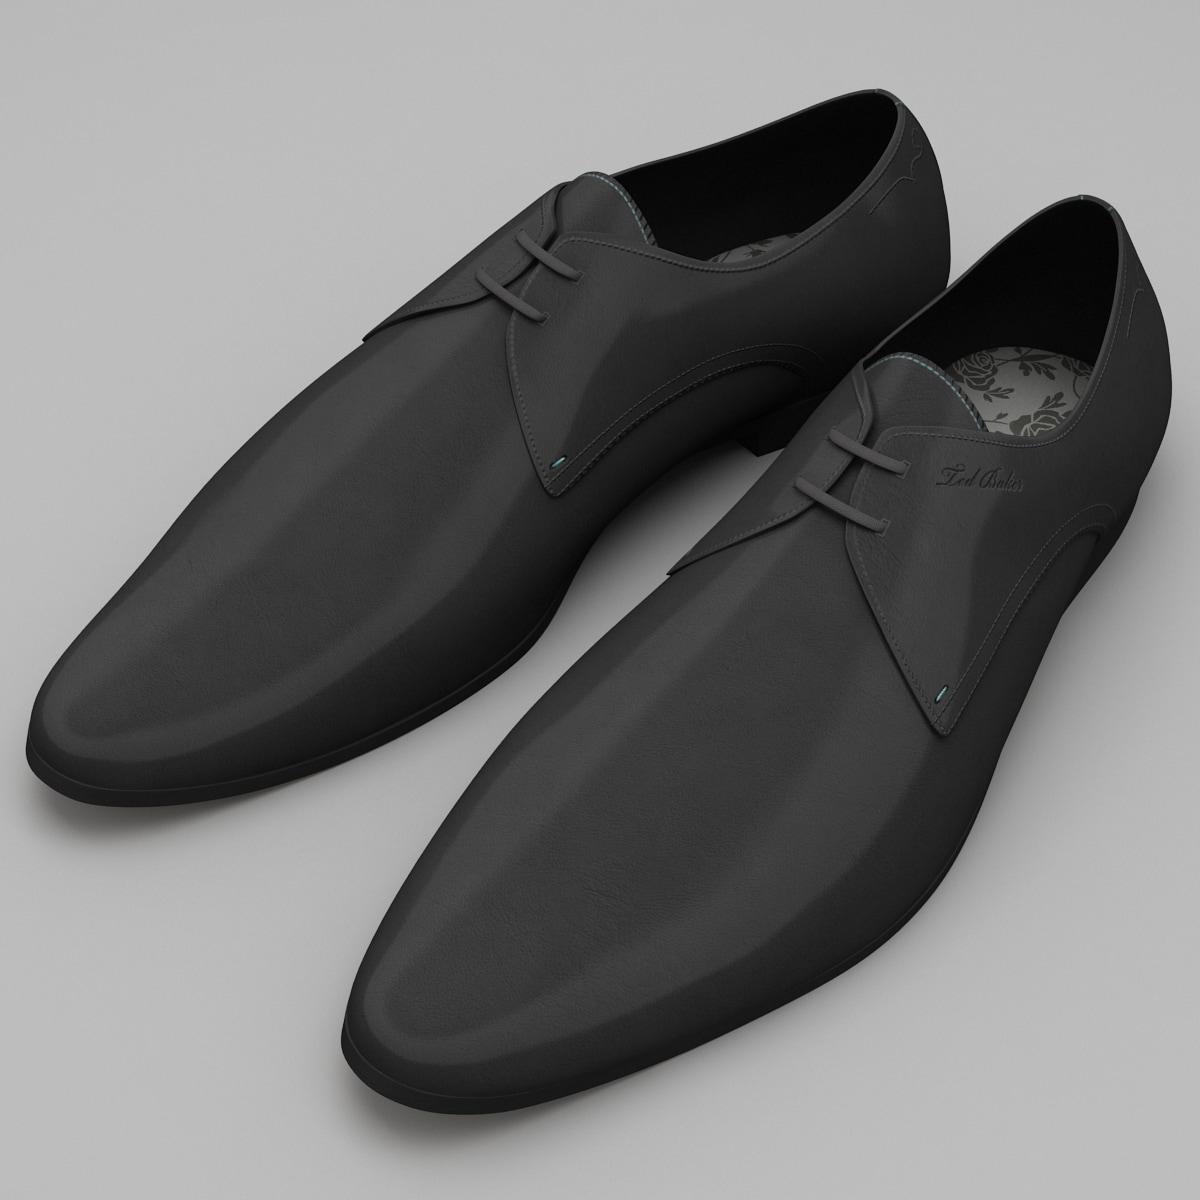 Men_Shoes_Ted_Baker_0001.jpg